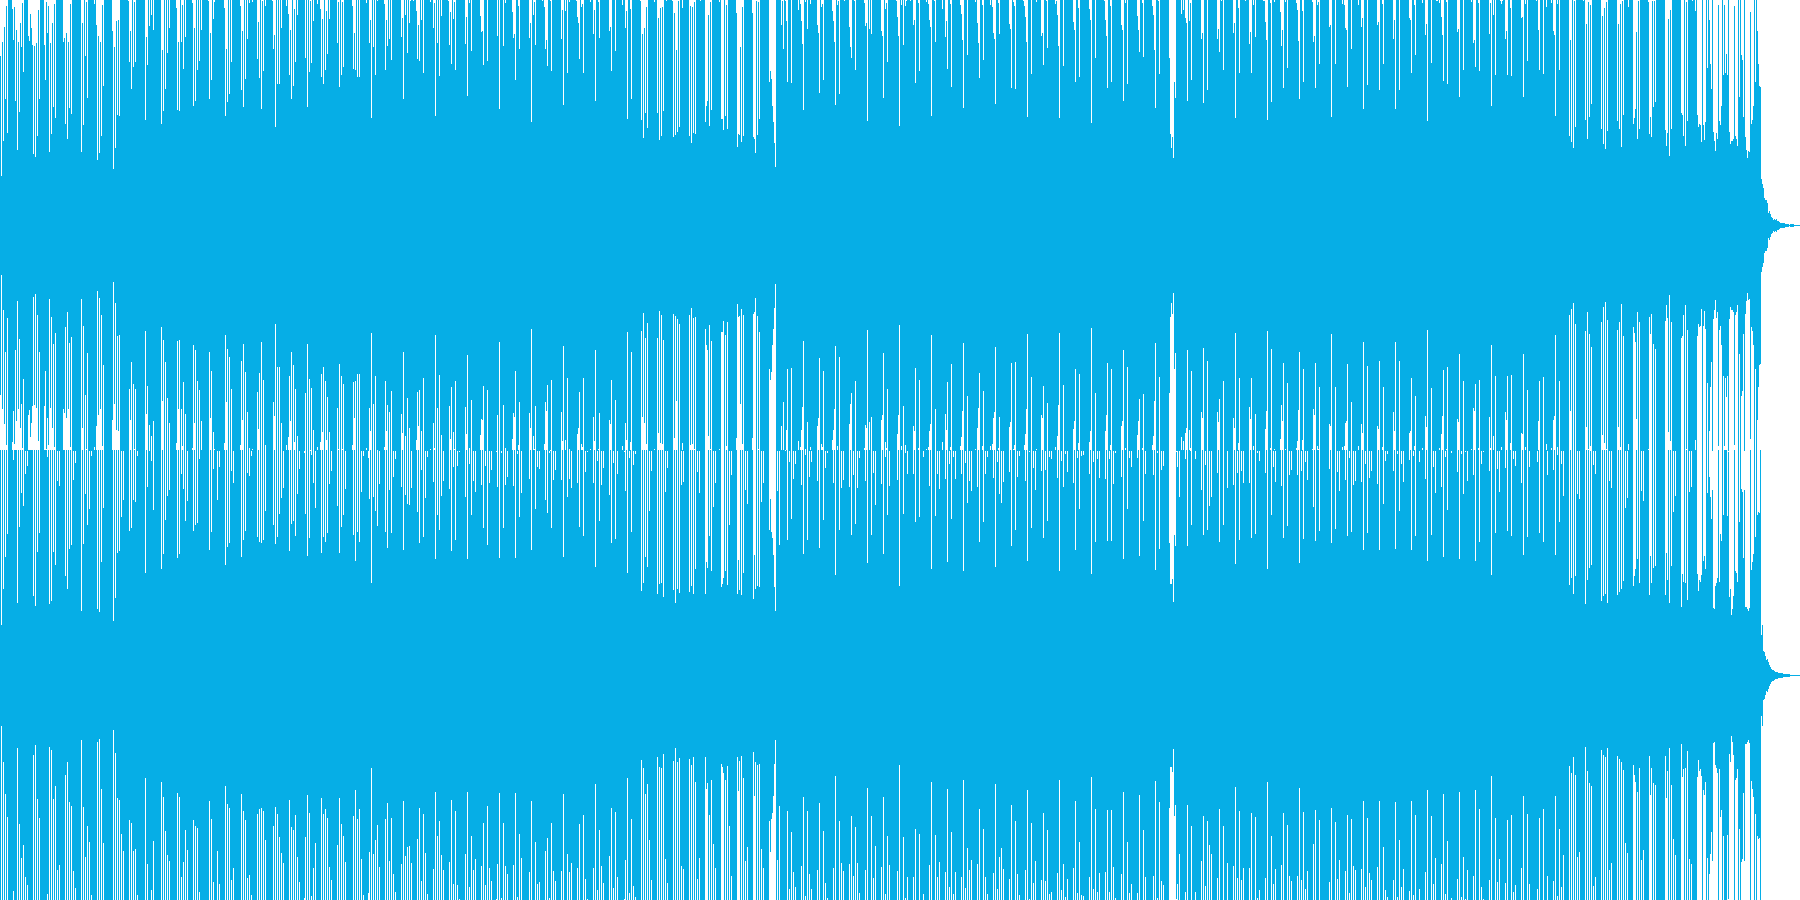 神秘的な4つ打ちハウスミュージックの再生済みの波形